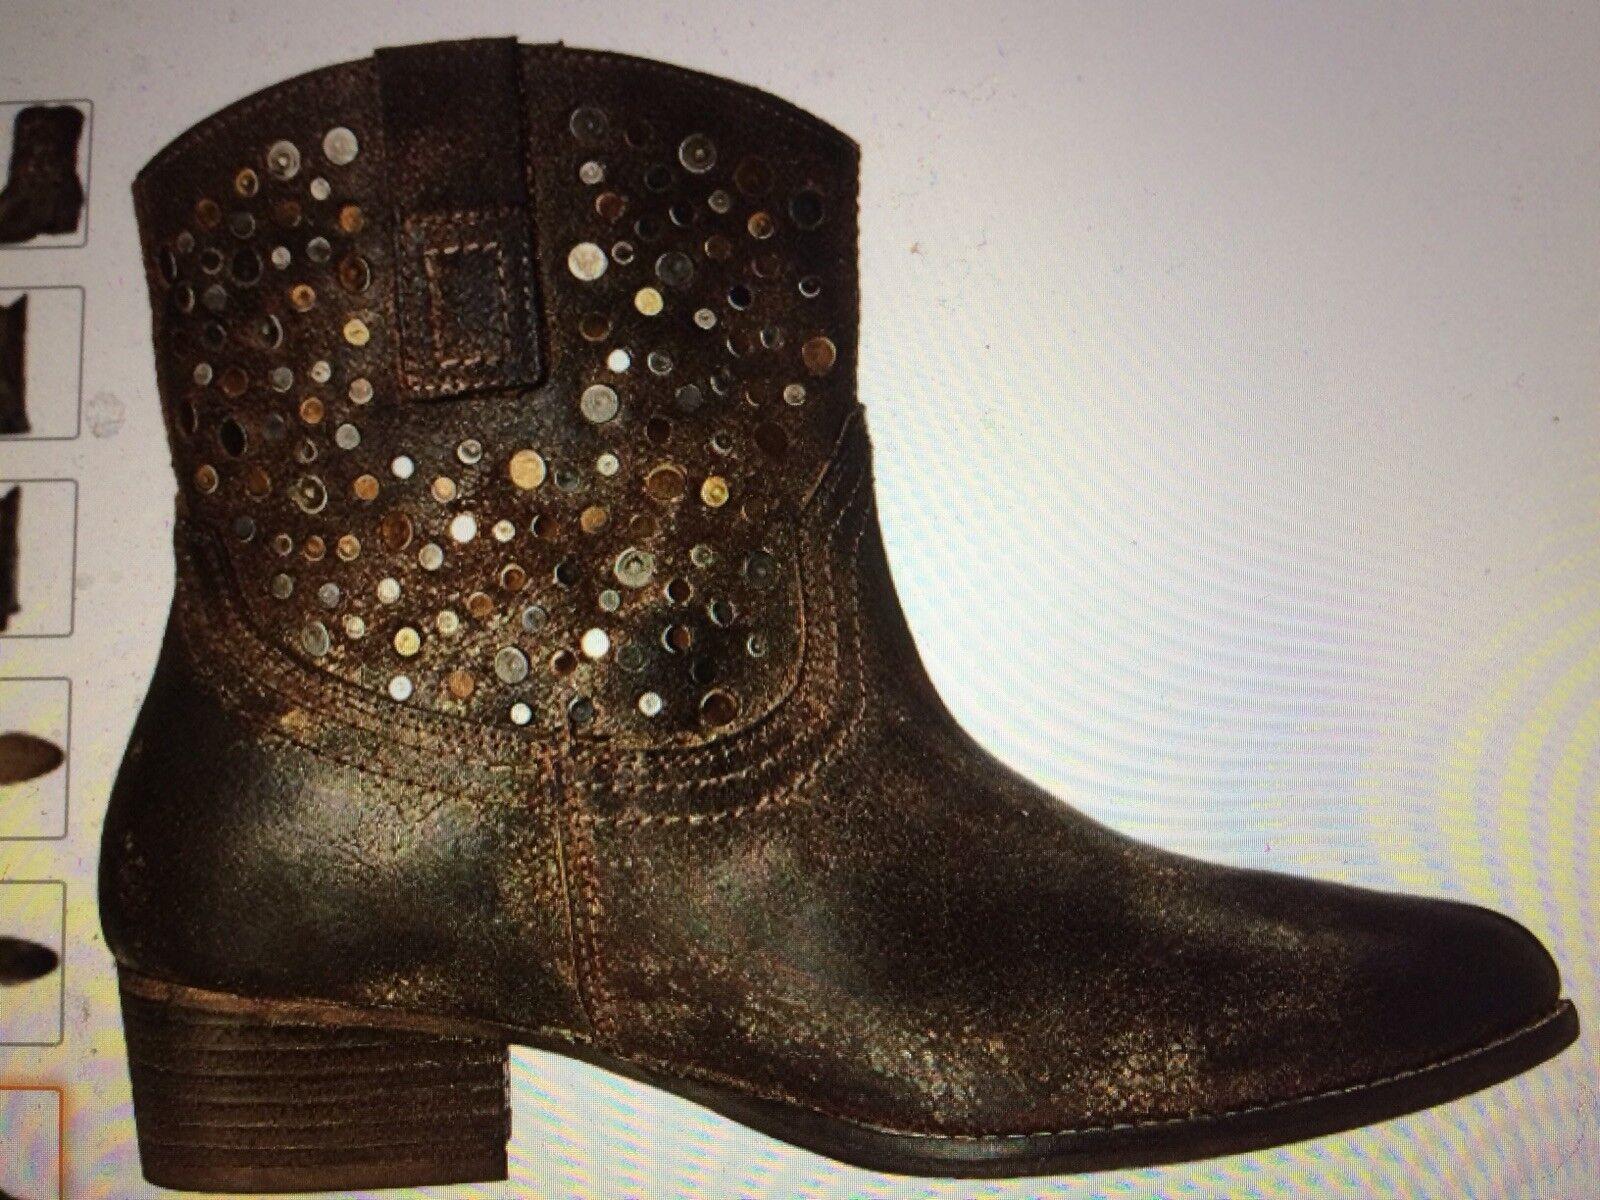 fino al 42% di sconto NIB 8.5 DIBA Flying Solo distressed distressed distressed Leather stivali studded western boho Marrone  al prezzo più basso